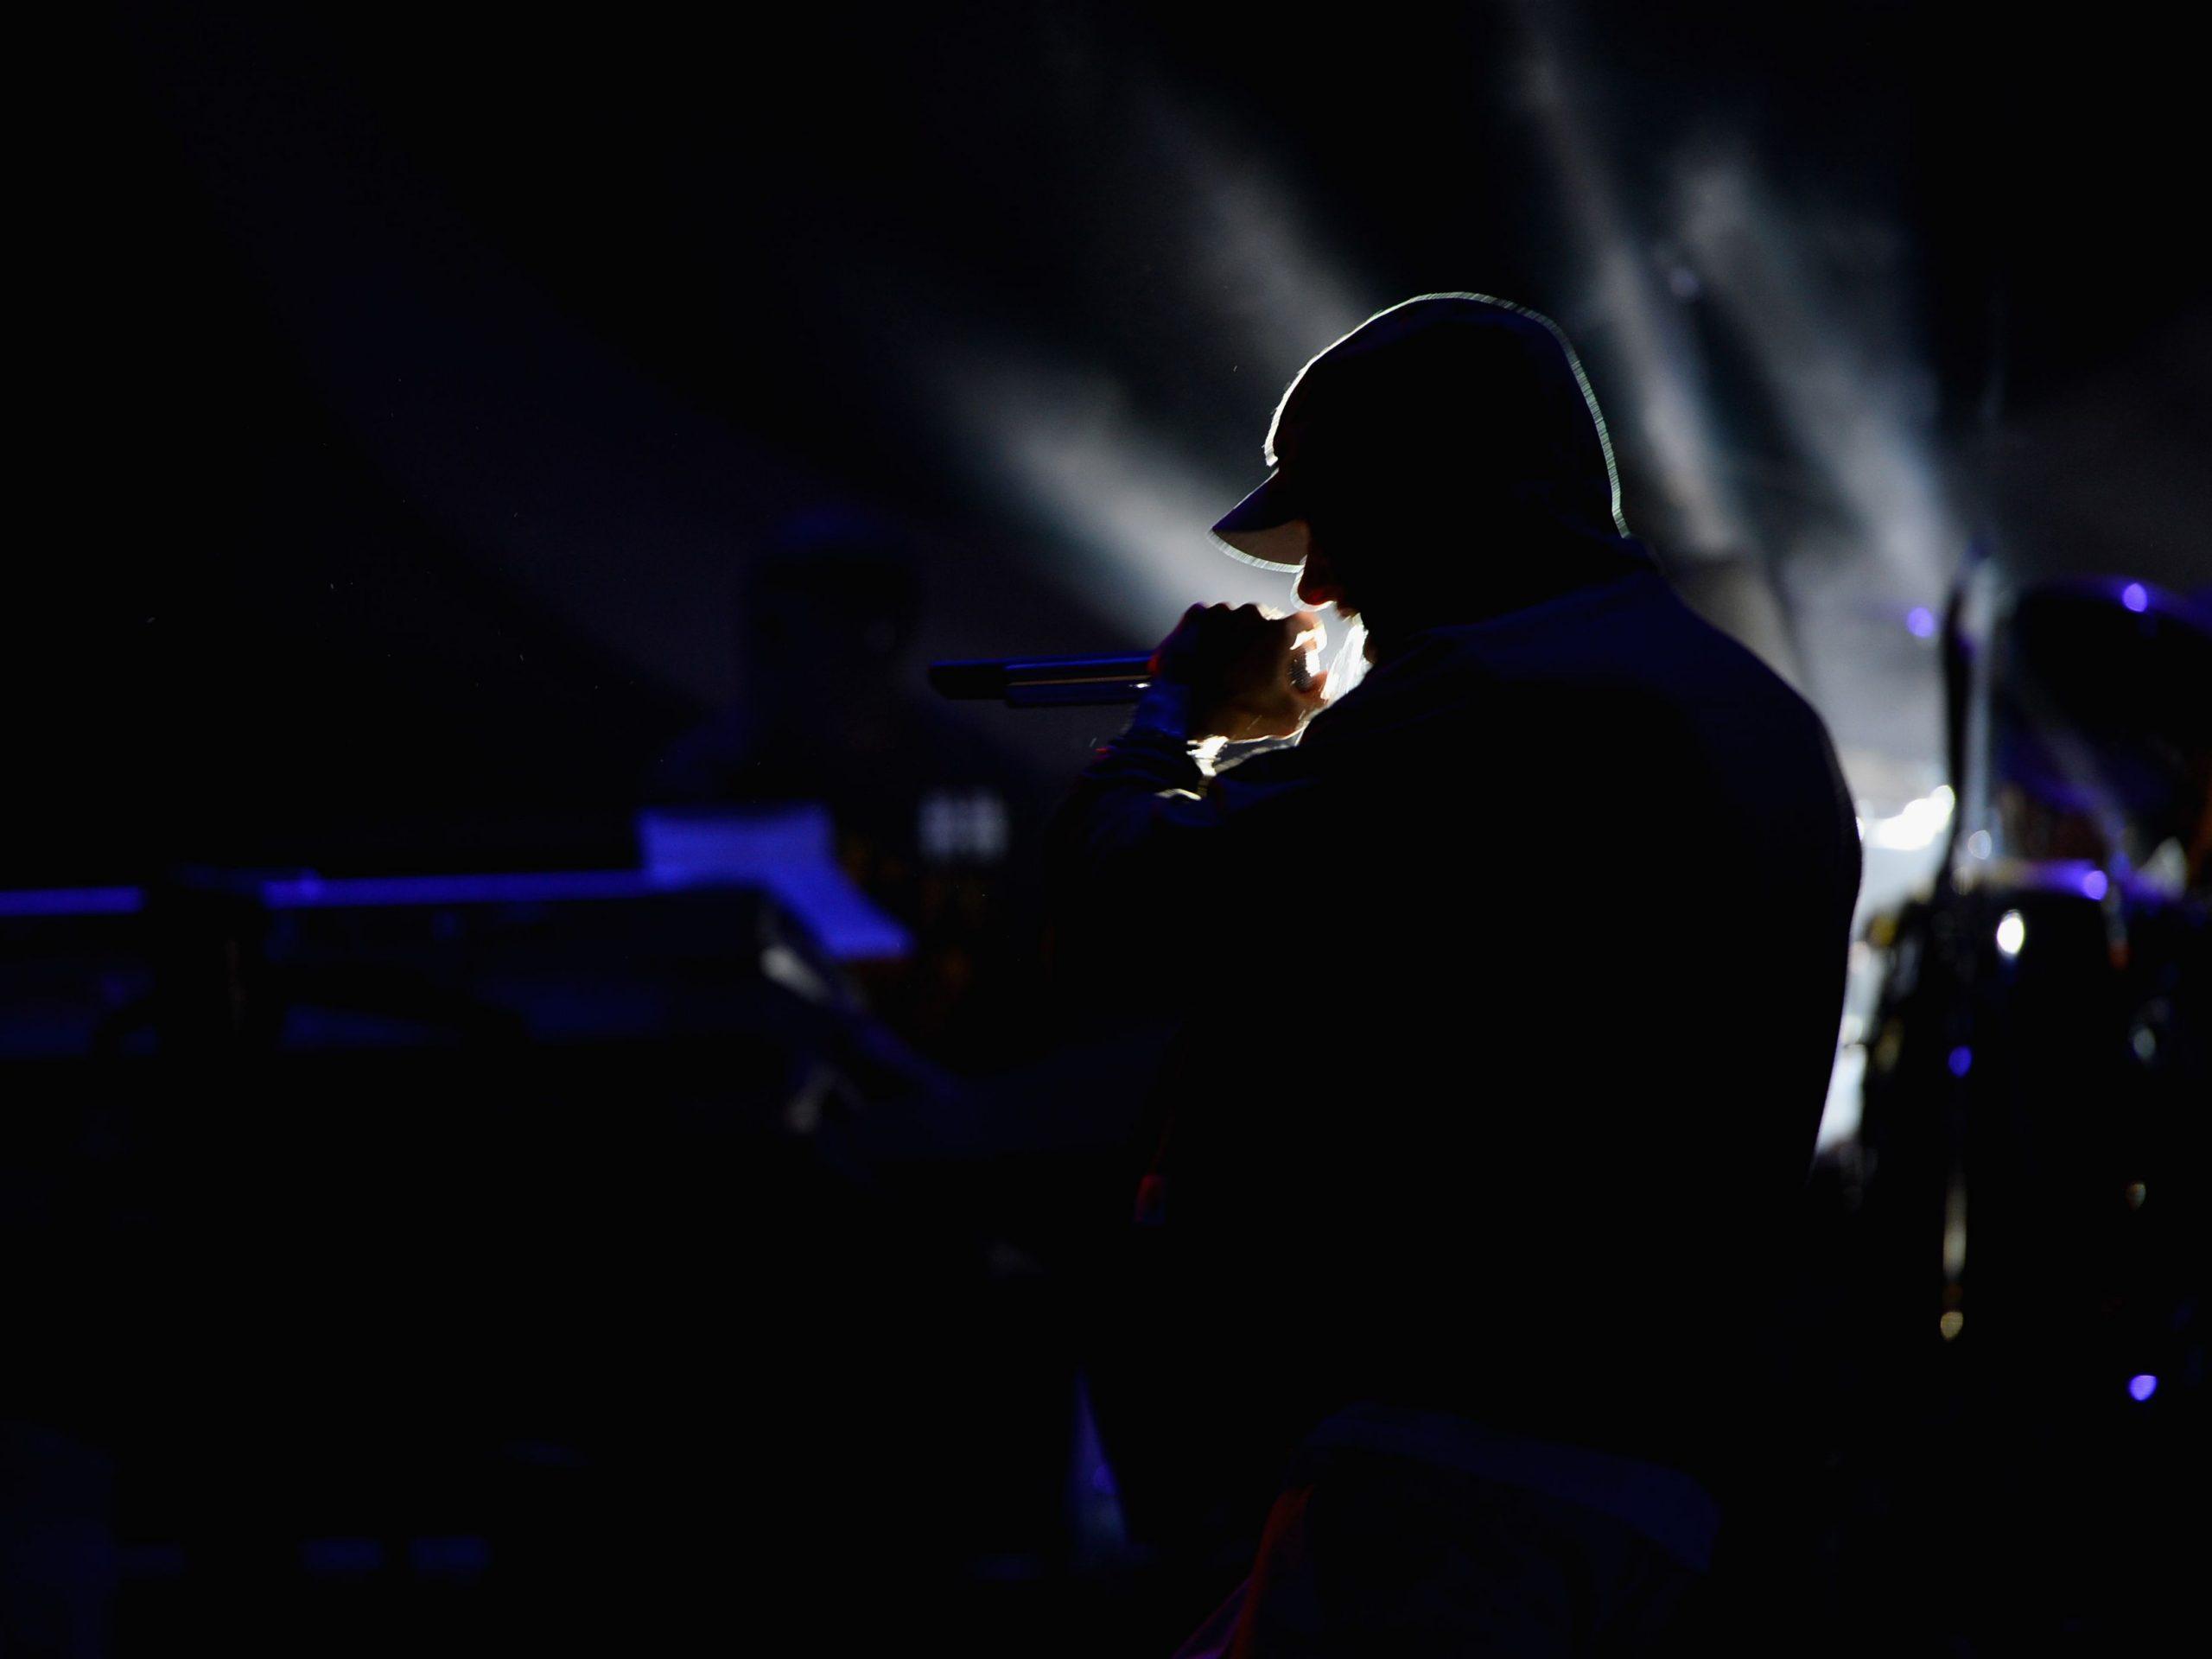 A man sitting in a dark room